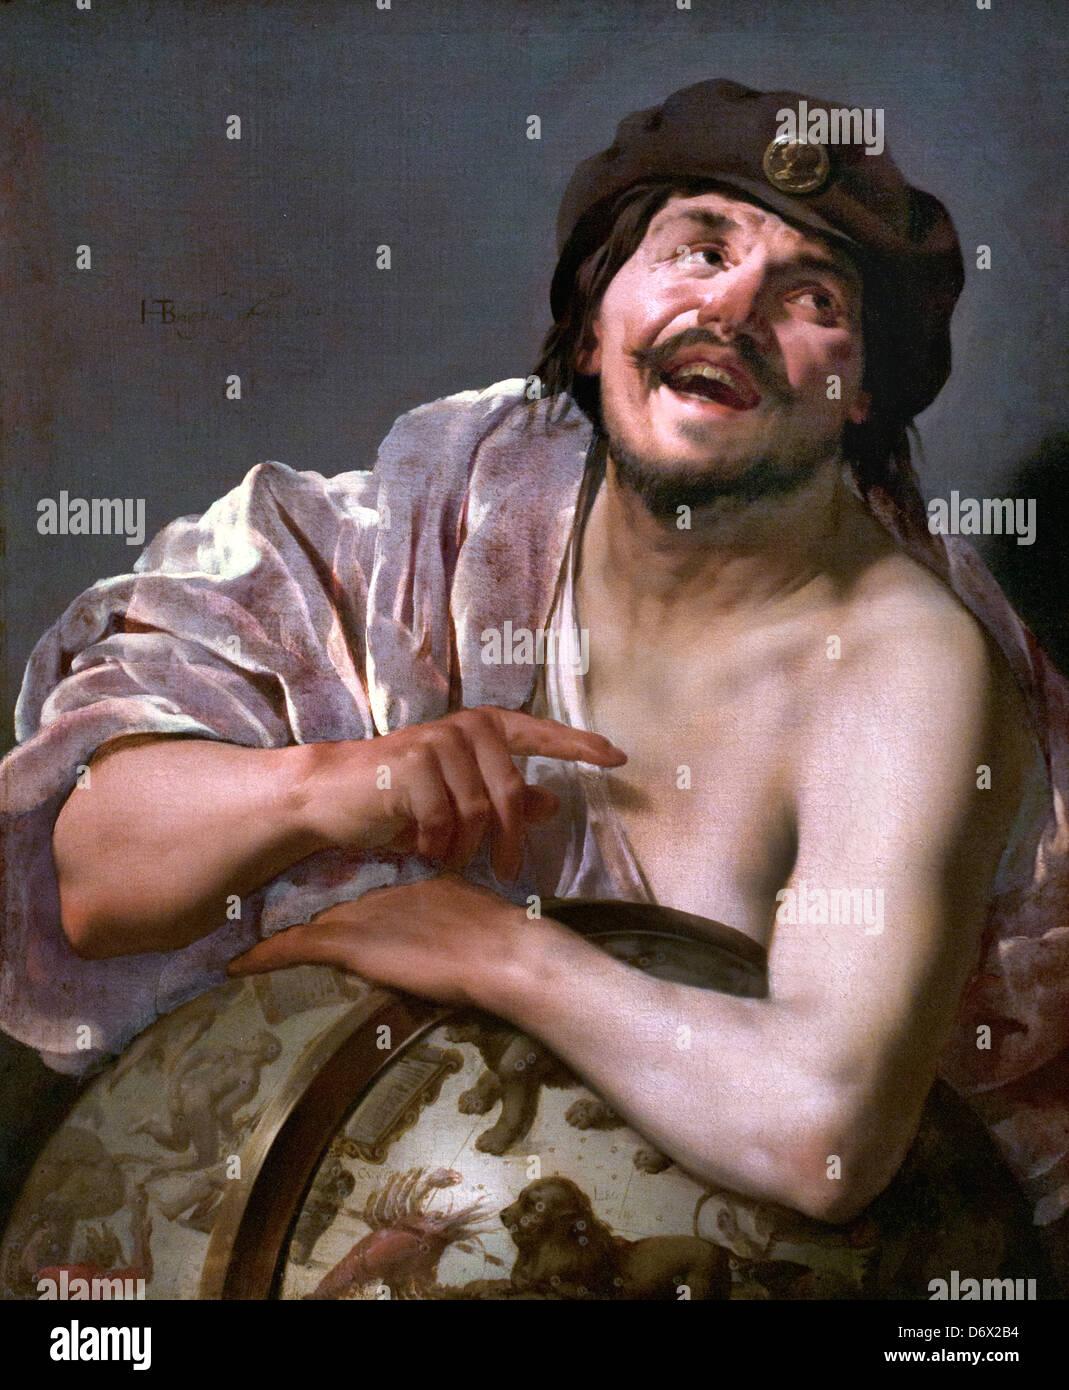 The Greek philosopher Democritus1628  Hendrick ter Brugghen 1588-1629 Dutch Netherlands - Stock Image